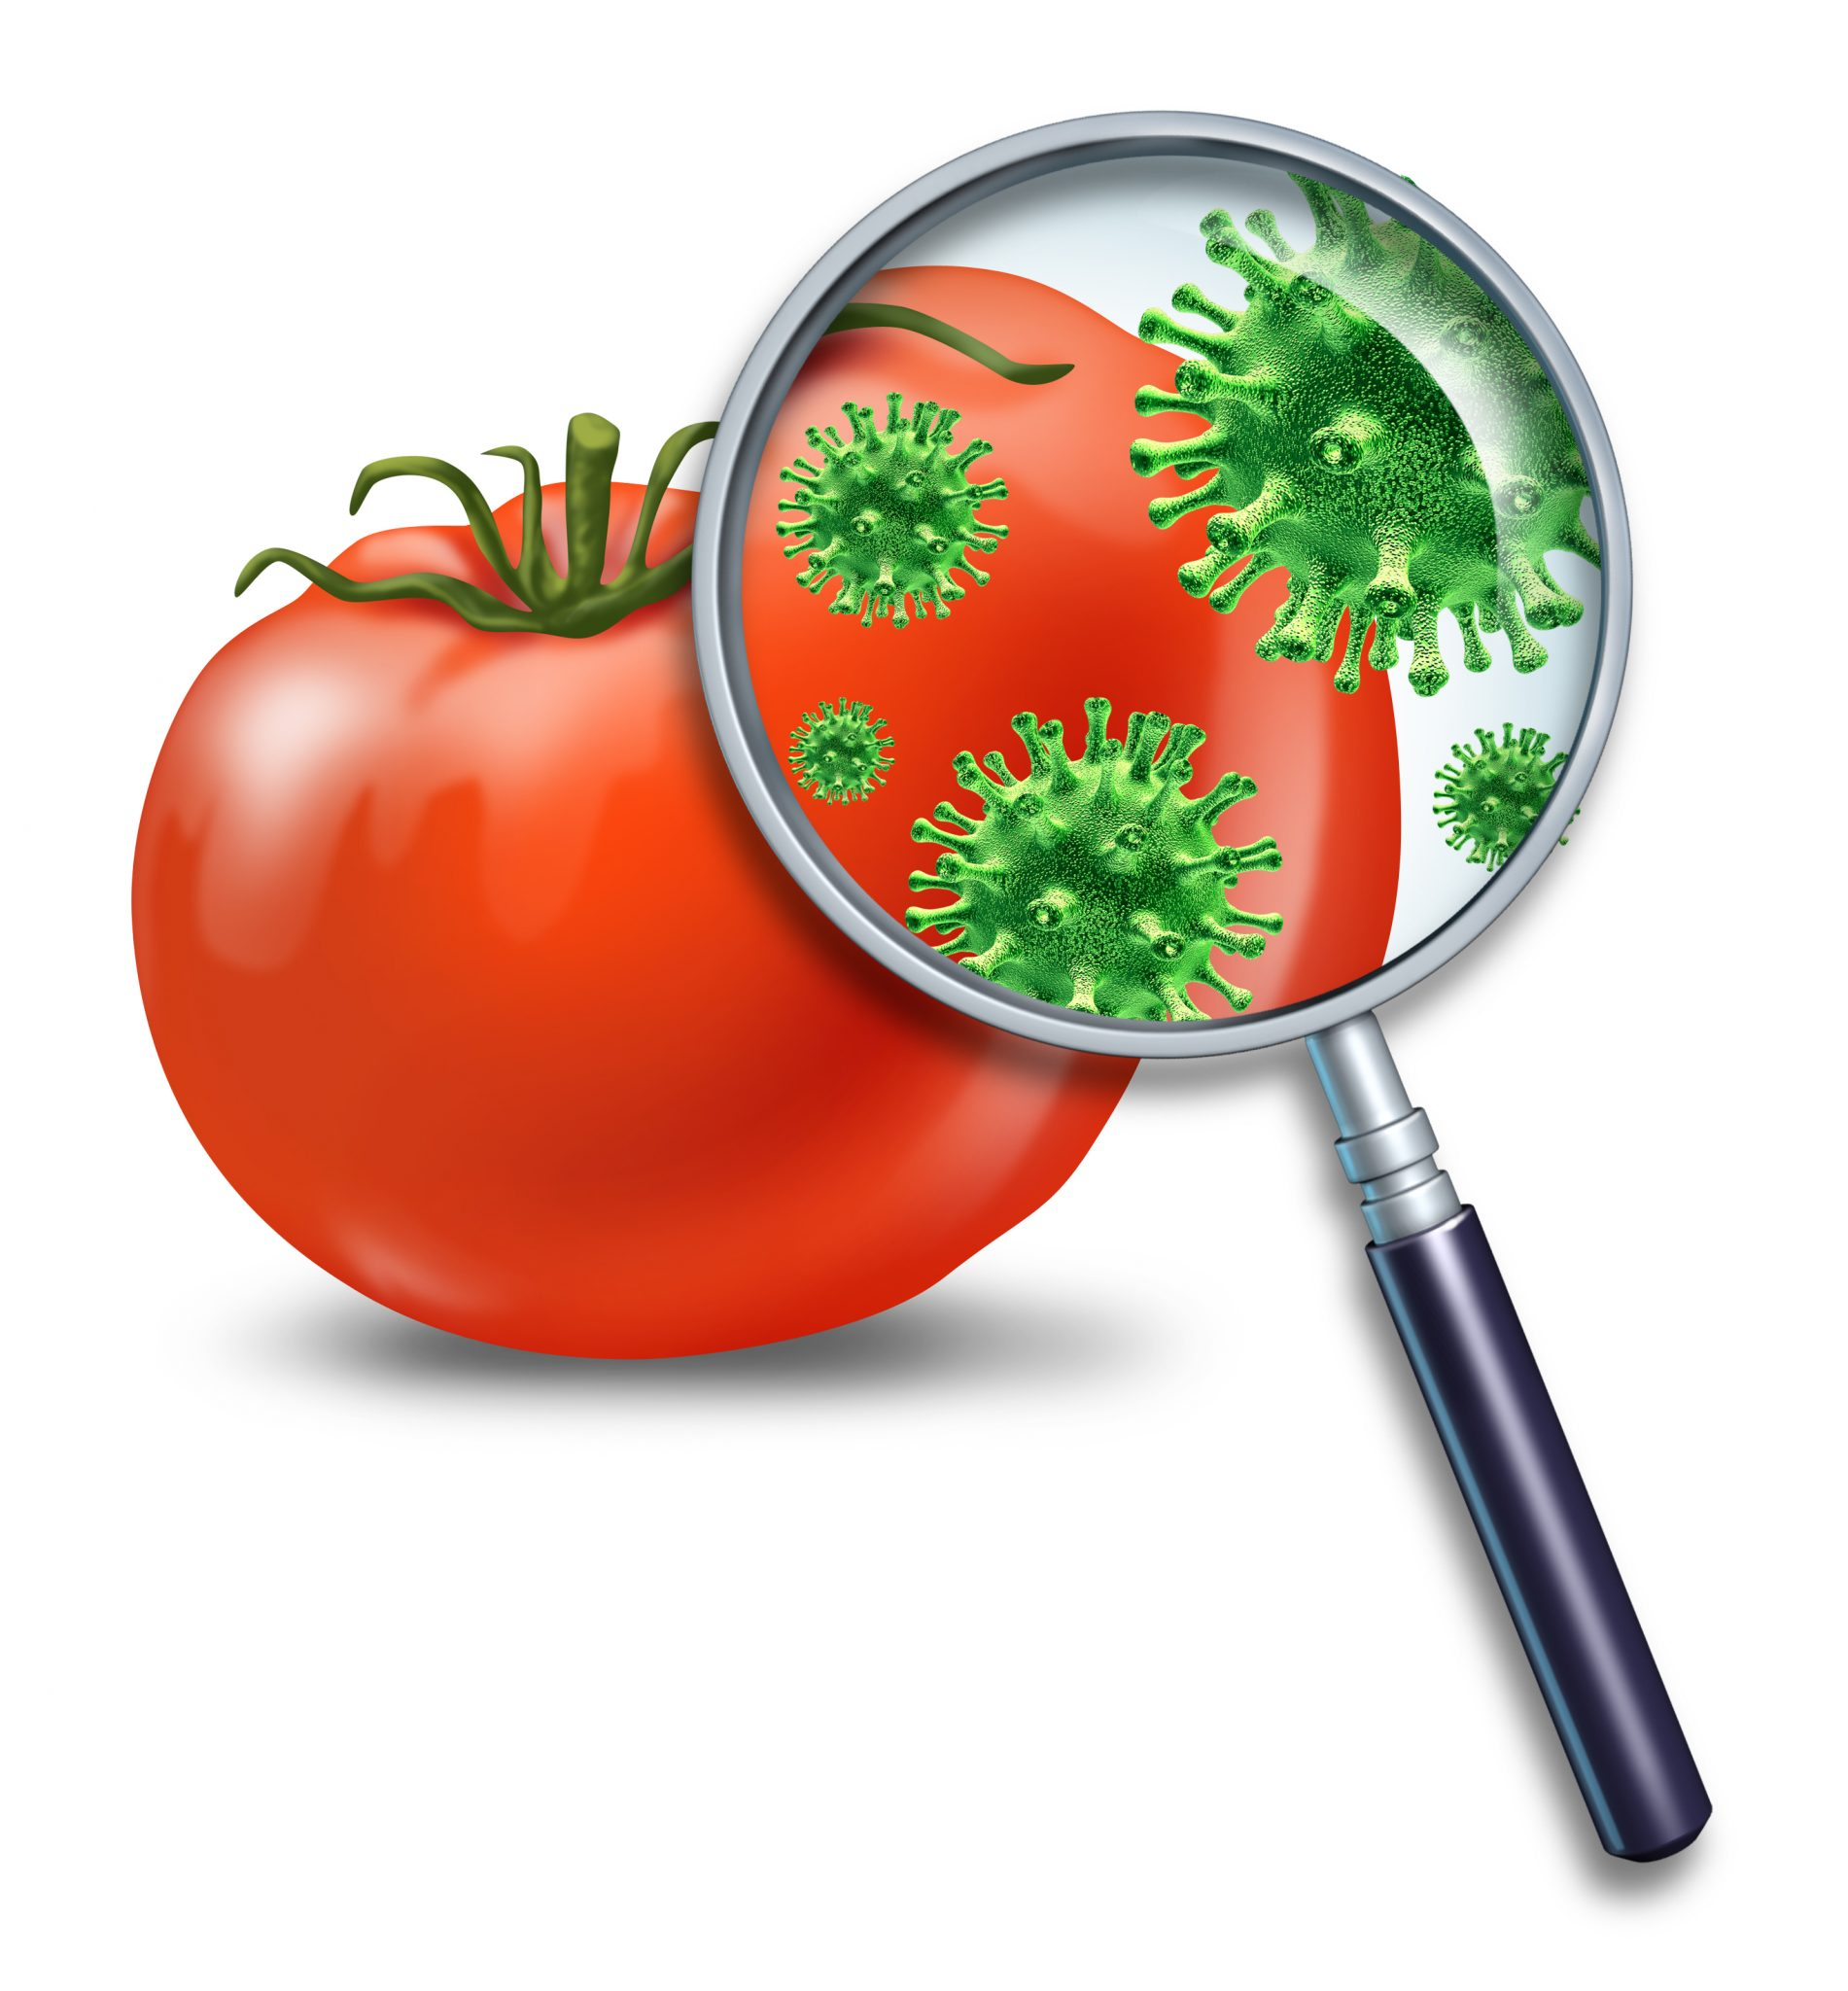 Compartimos aquí algunas preguntas frecuentes sobre COVID-19 y seguridad alimentaria.